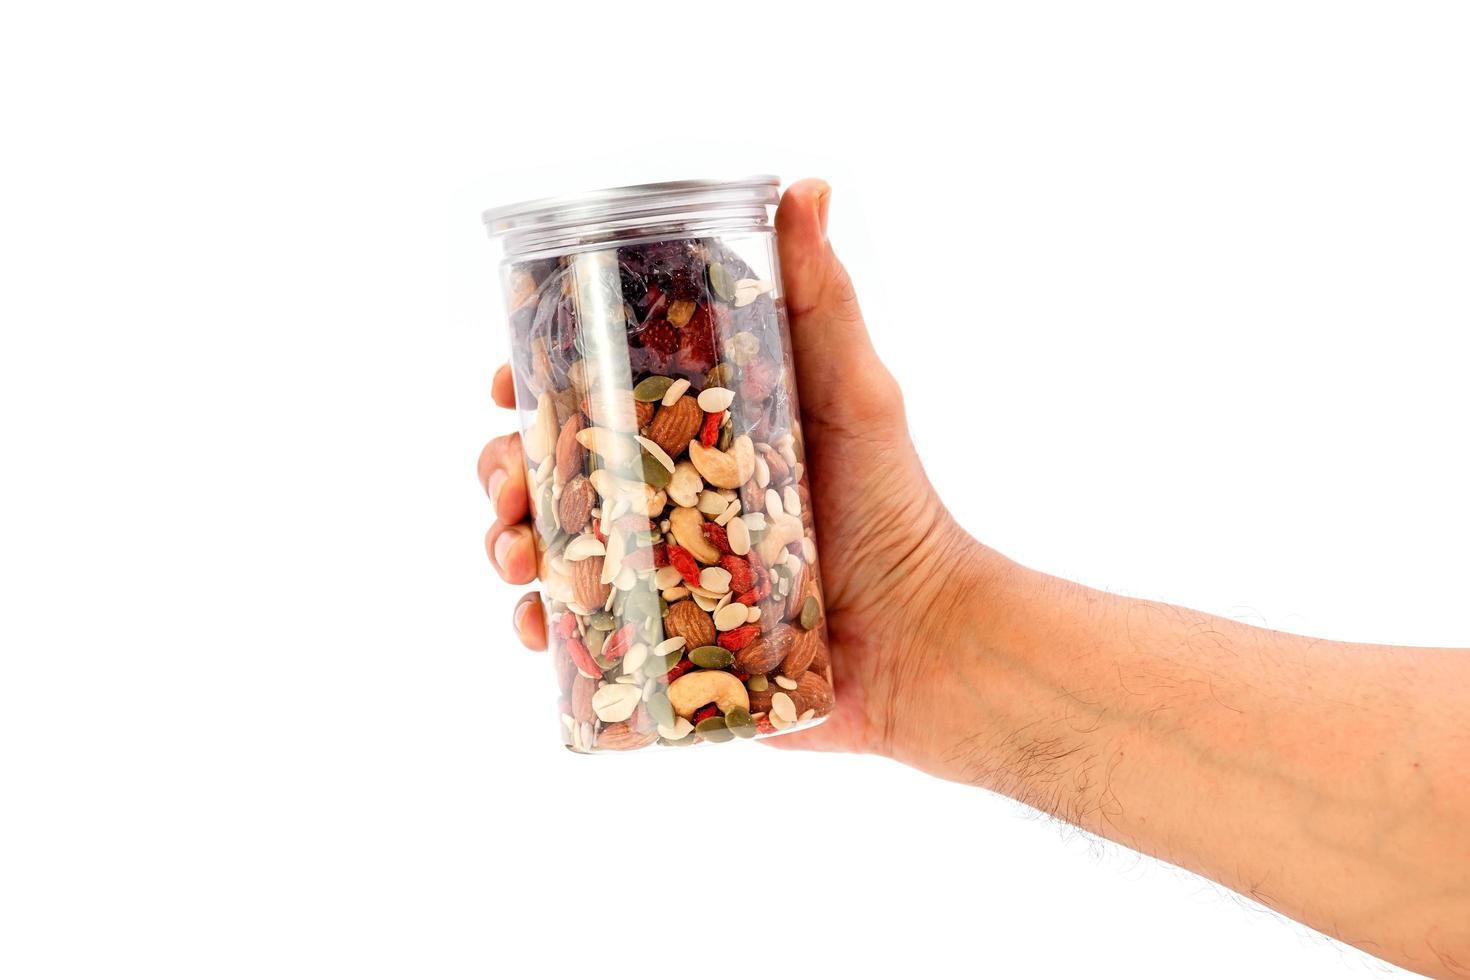 cereali integrali e bottiglia di plastica di frutta secca in mano. foto